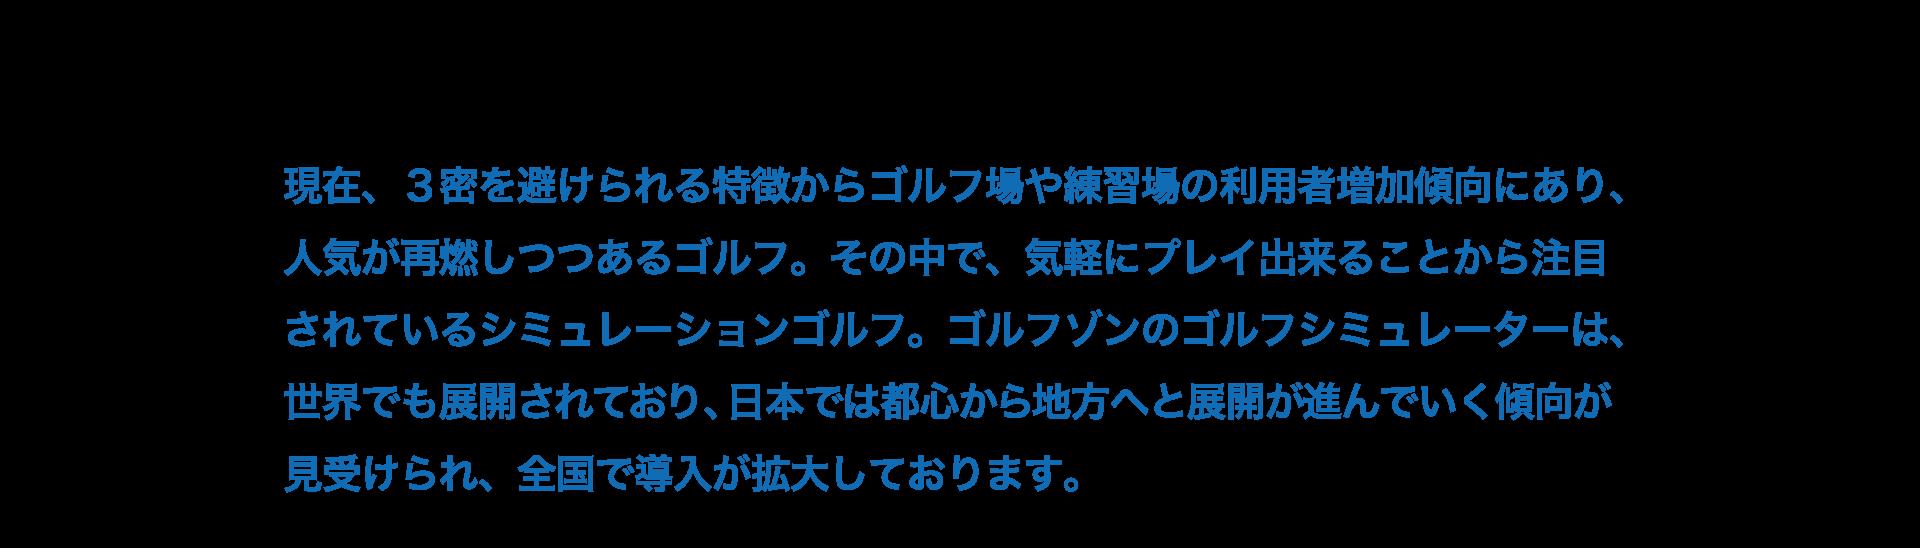 ゴルフゾンのゴルフシミュレーターは、世界でも展開されており、日本では都心から地方へと展開が進んでいく傾向が見受けられ、全国で導入が拡大しております。